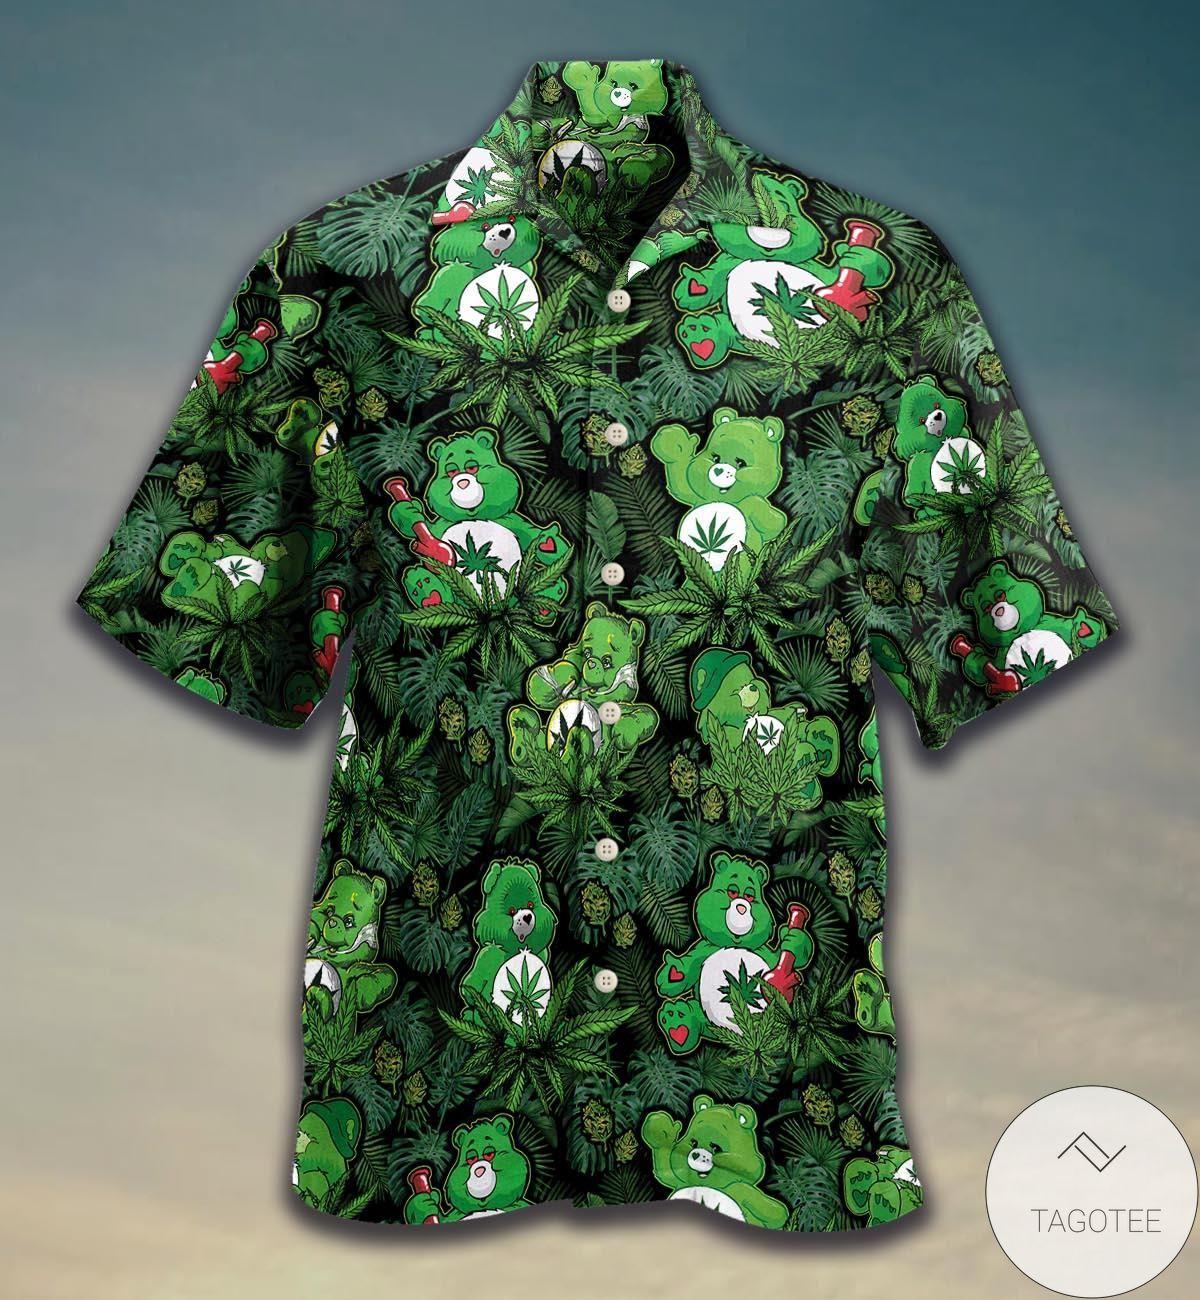 Funny Tee Weed Don't Care Bear Hawaiian Shirt